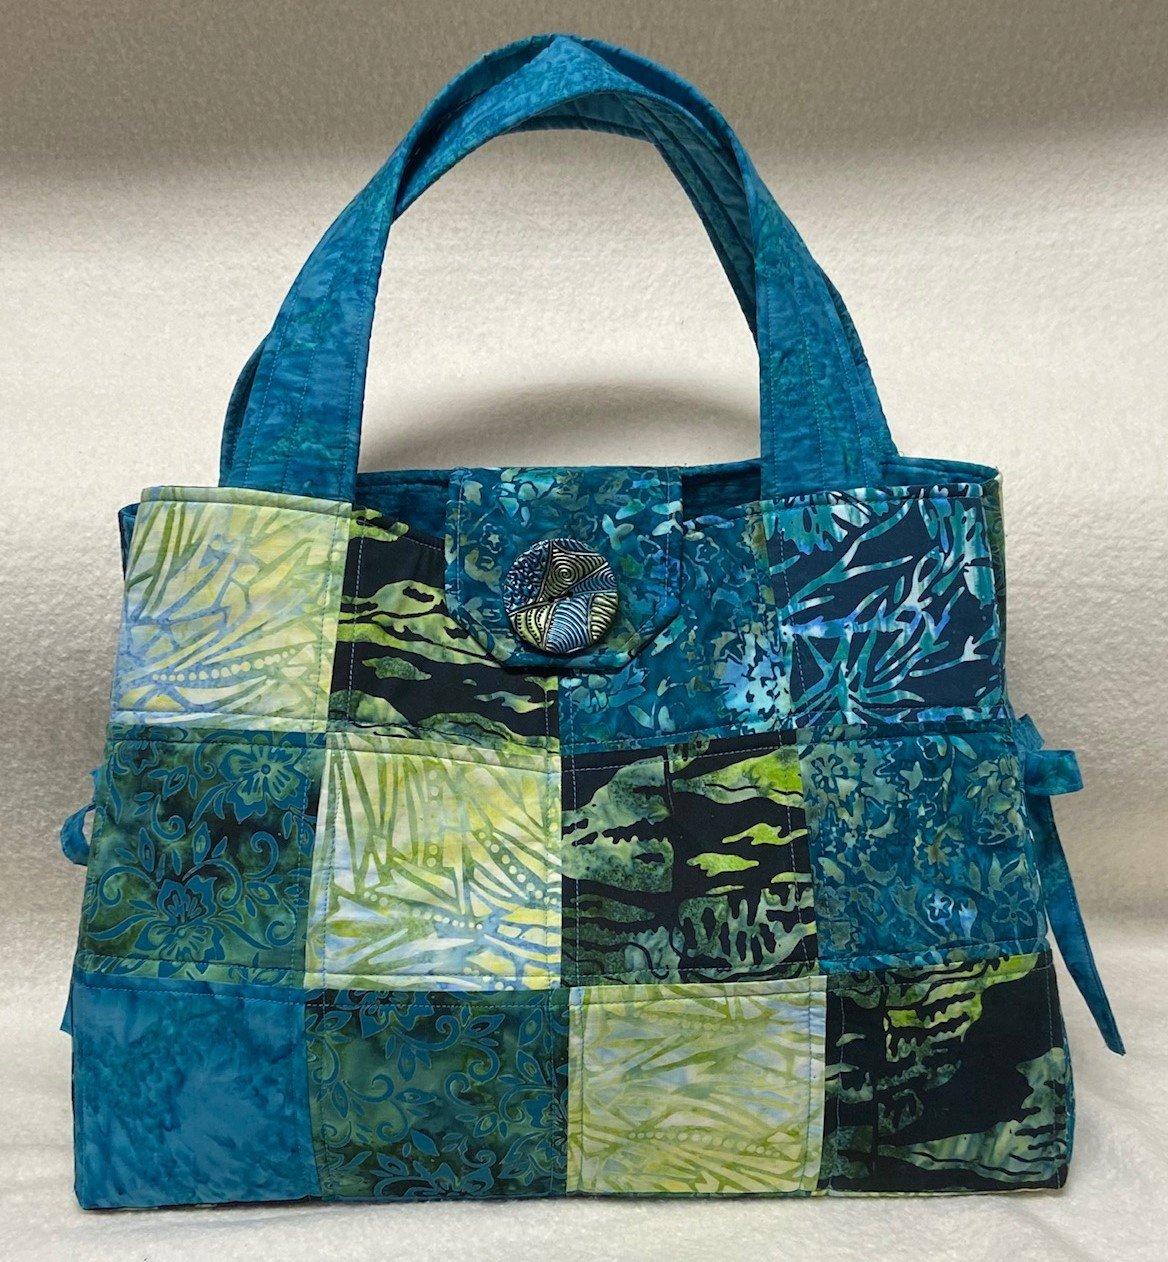 Batik Teal & Green Charming Bag Kit